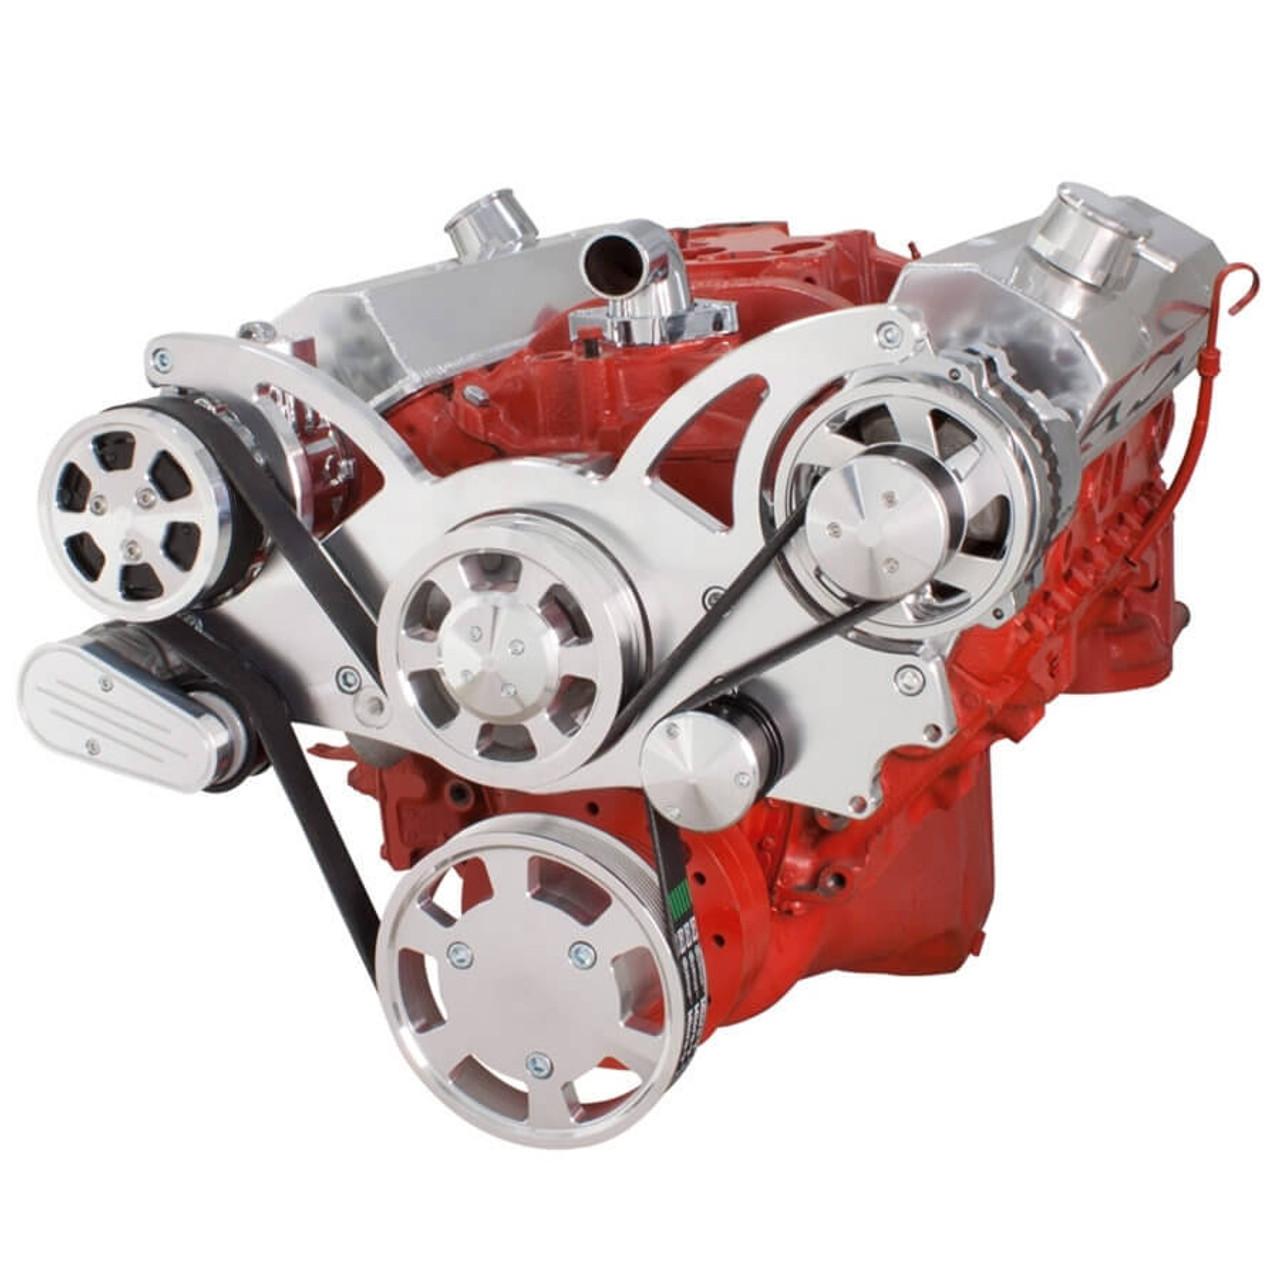 Chevy 350 Ac Cket Diagram Wire Data Schema \u2022 1996 Chevy Silverado Engine  Diagram 350 Chevy Engine Diagram